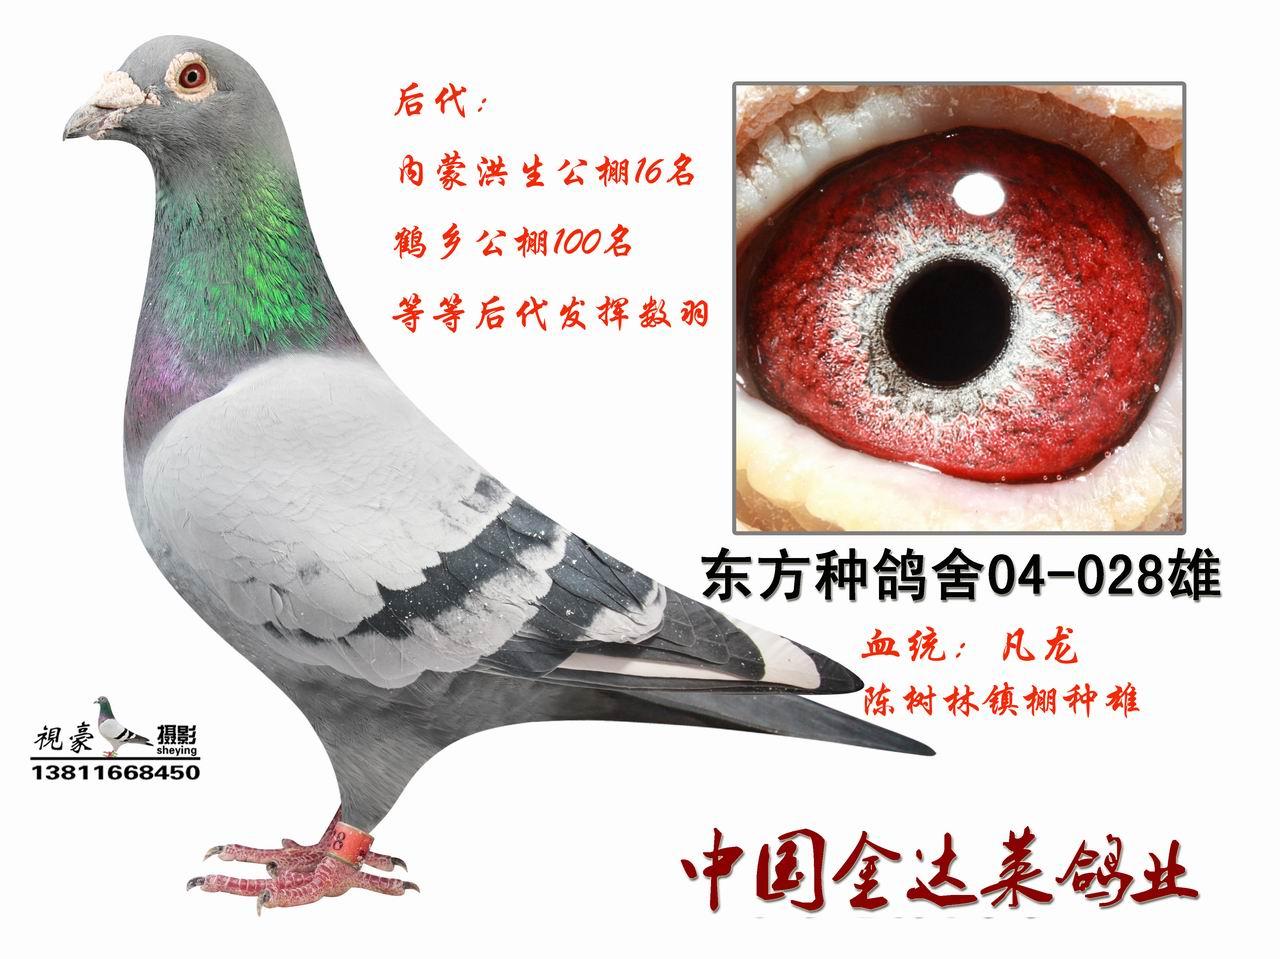 信鸽特征-凡龙ME码 028 廊坊信鸽传媒